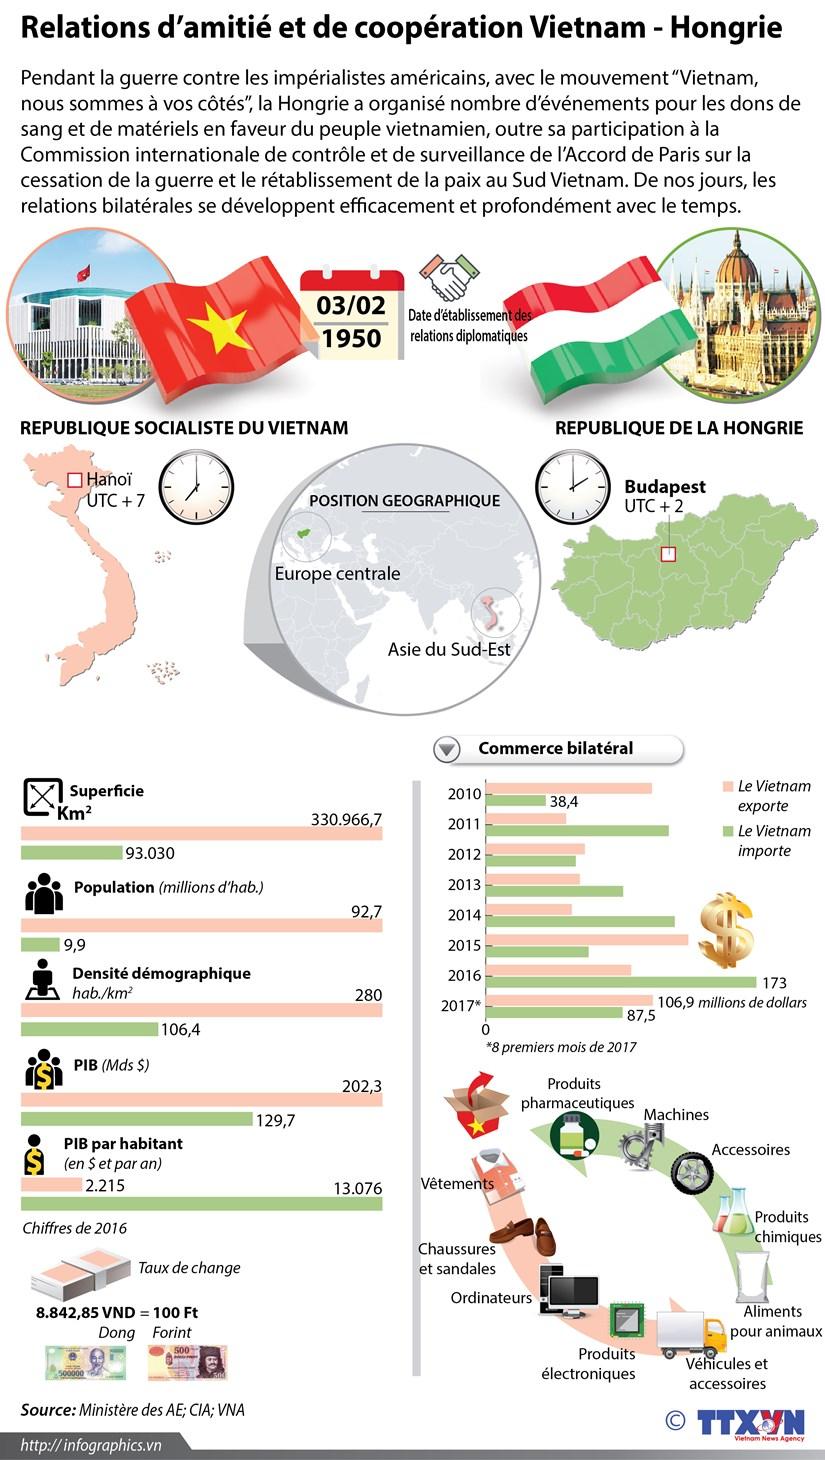 Les relations d'amitie et de cooperation Vietnam - Hongrie en infographie hinh anh 1